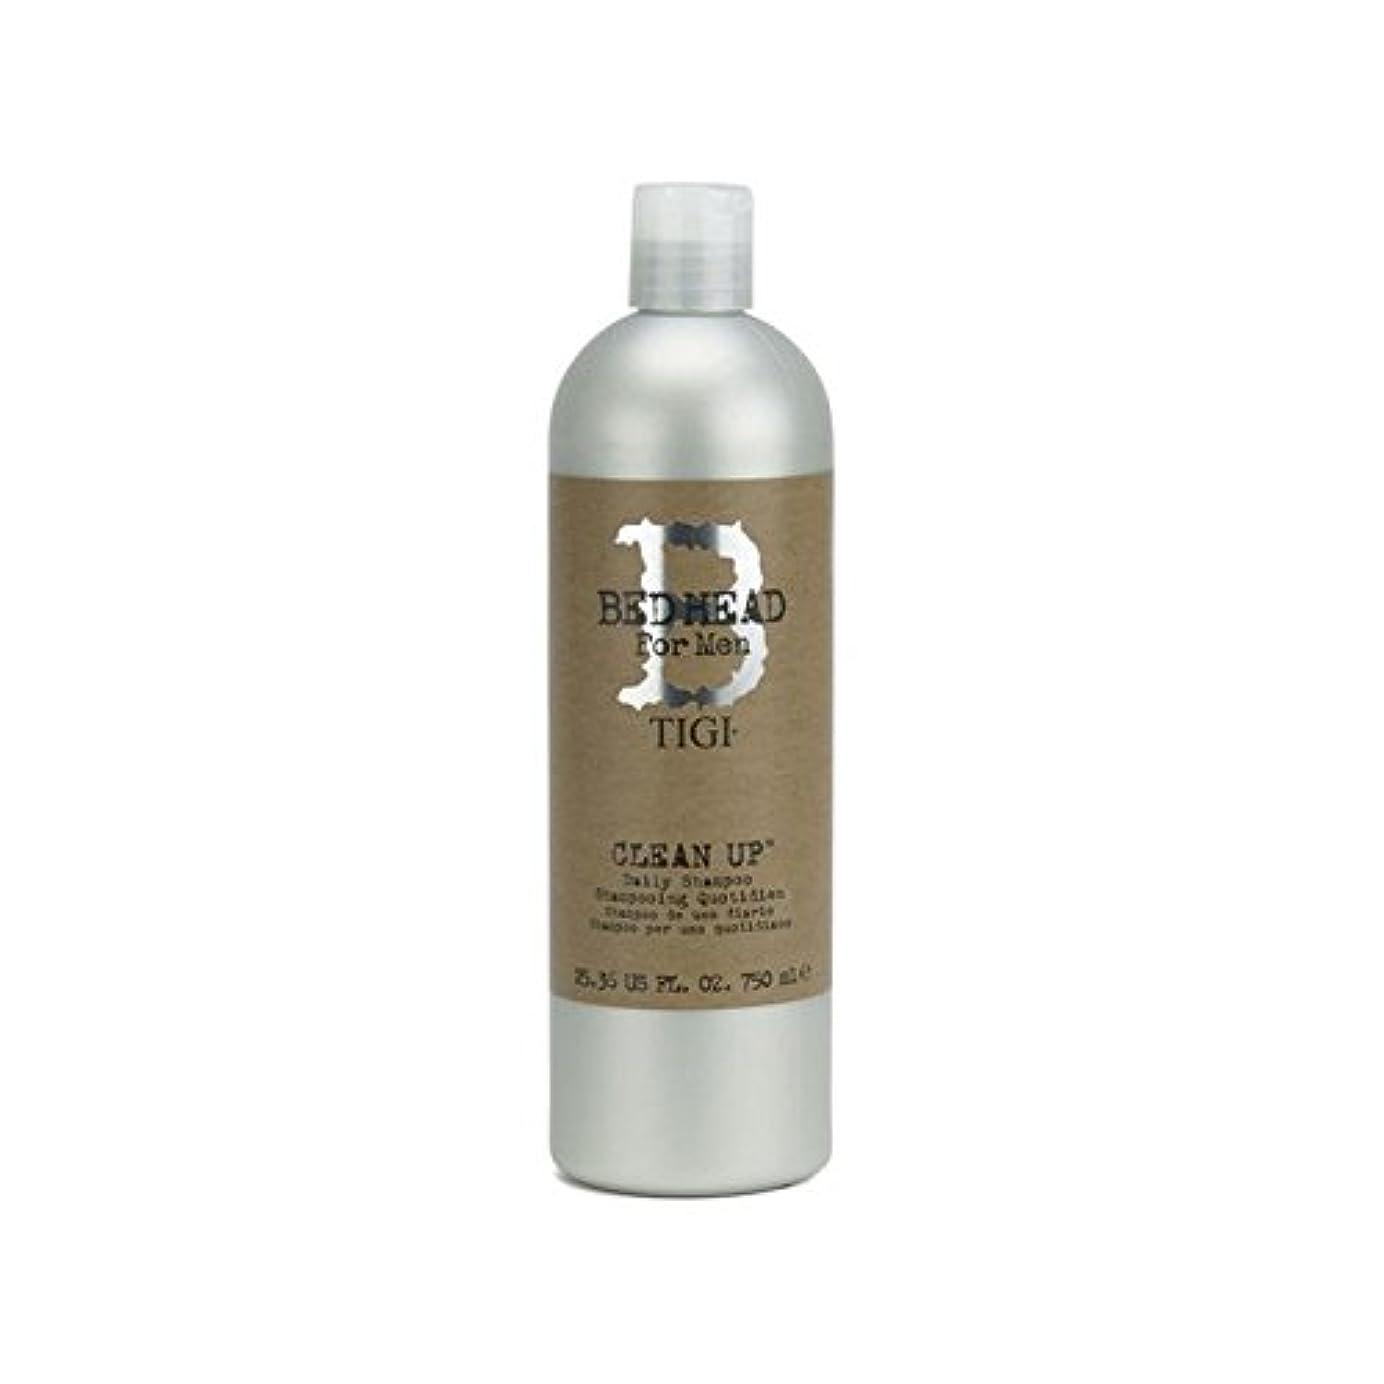 対人高潔な立ち向かう毎日シャンプーをクリーンアップする男性のためのティジーベッドヘッド(750ミリリットル) x4 - Tigi Bed Head For Men Clean Up Daily Shampoo (750ml) (Pack of 4) [並行輸入品]